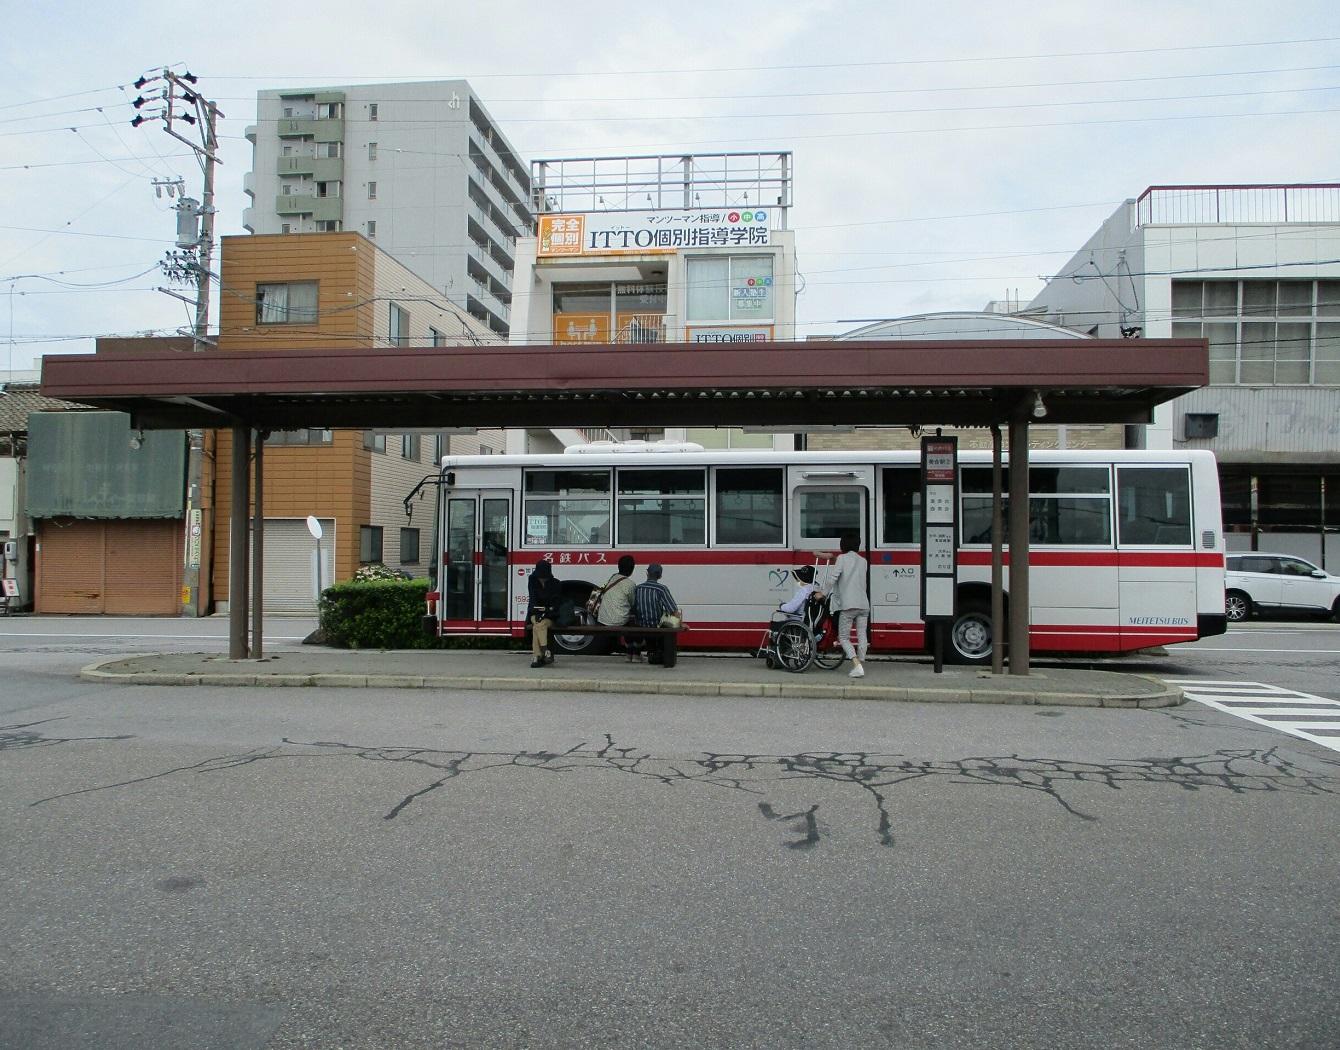 2018.6.19 (46) 美合駅 - 東岡崎駅いきバス 1340-1050